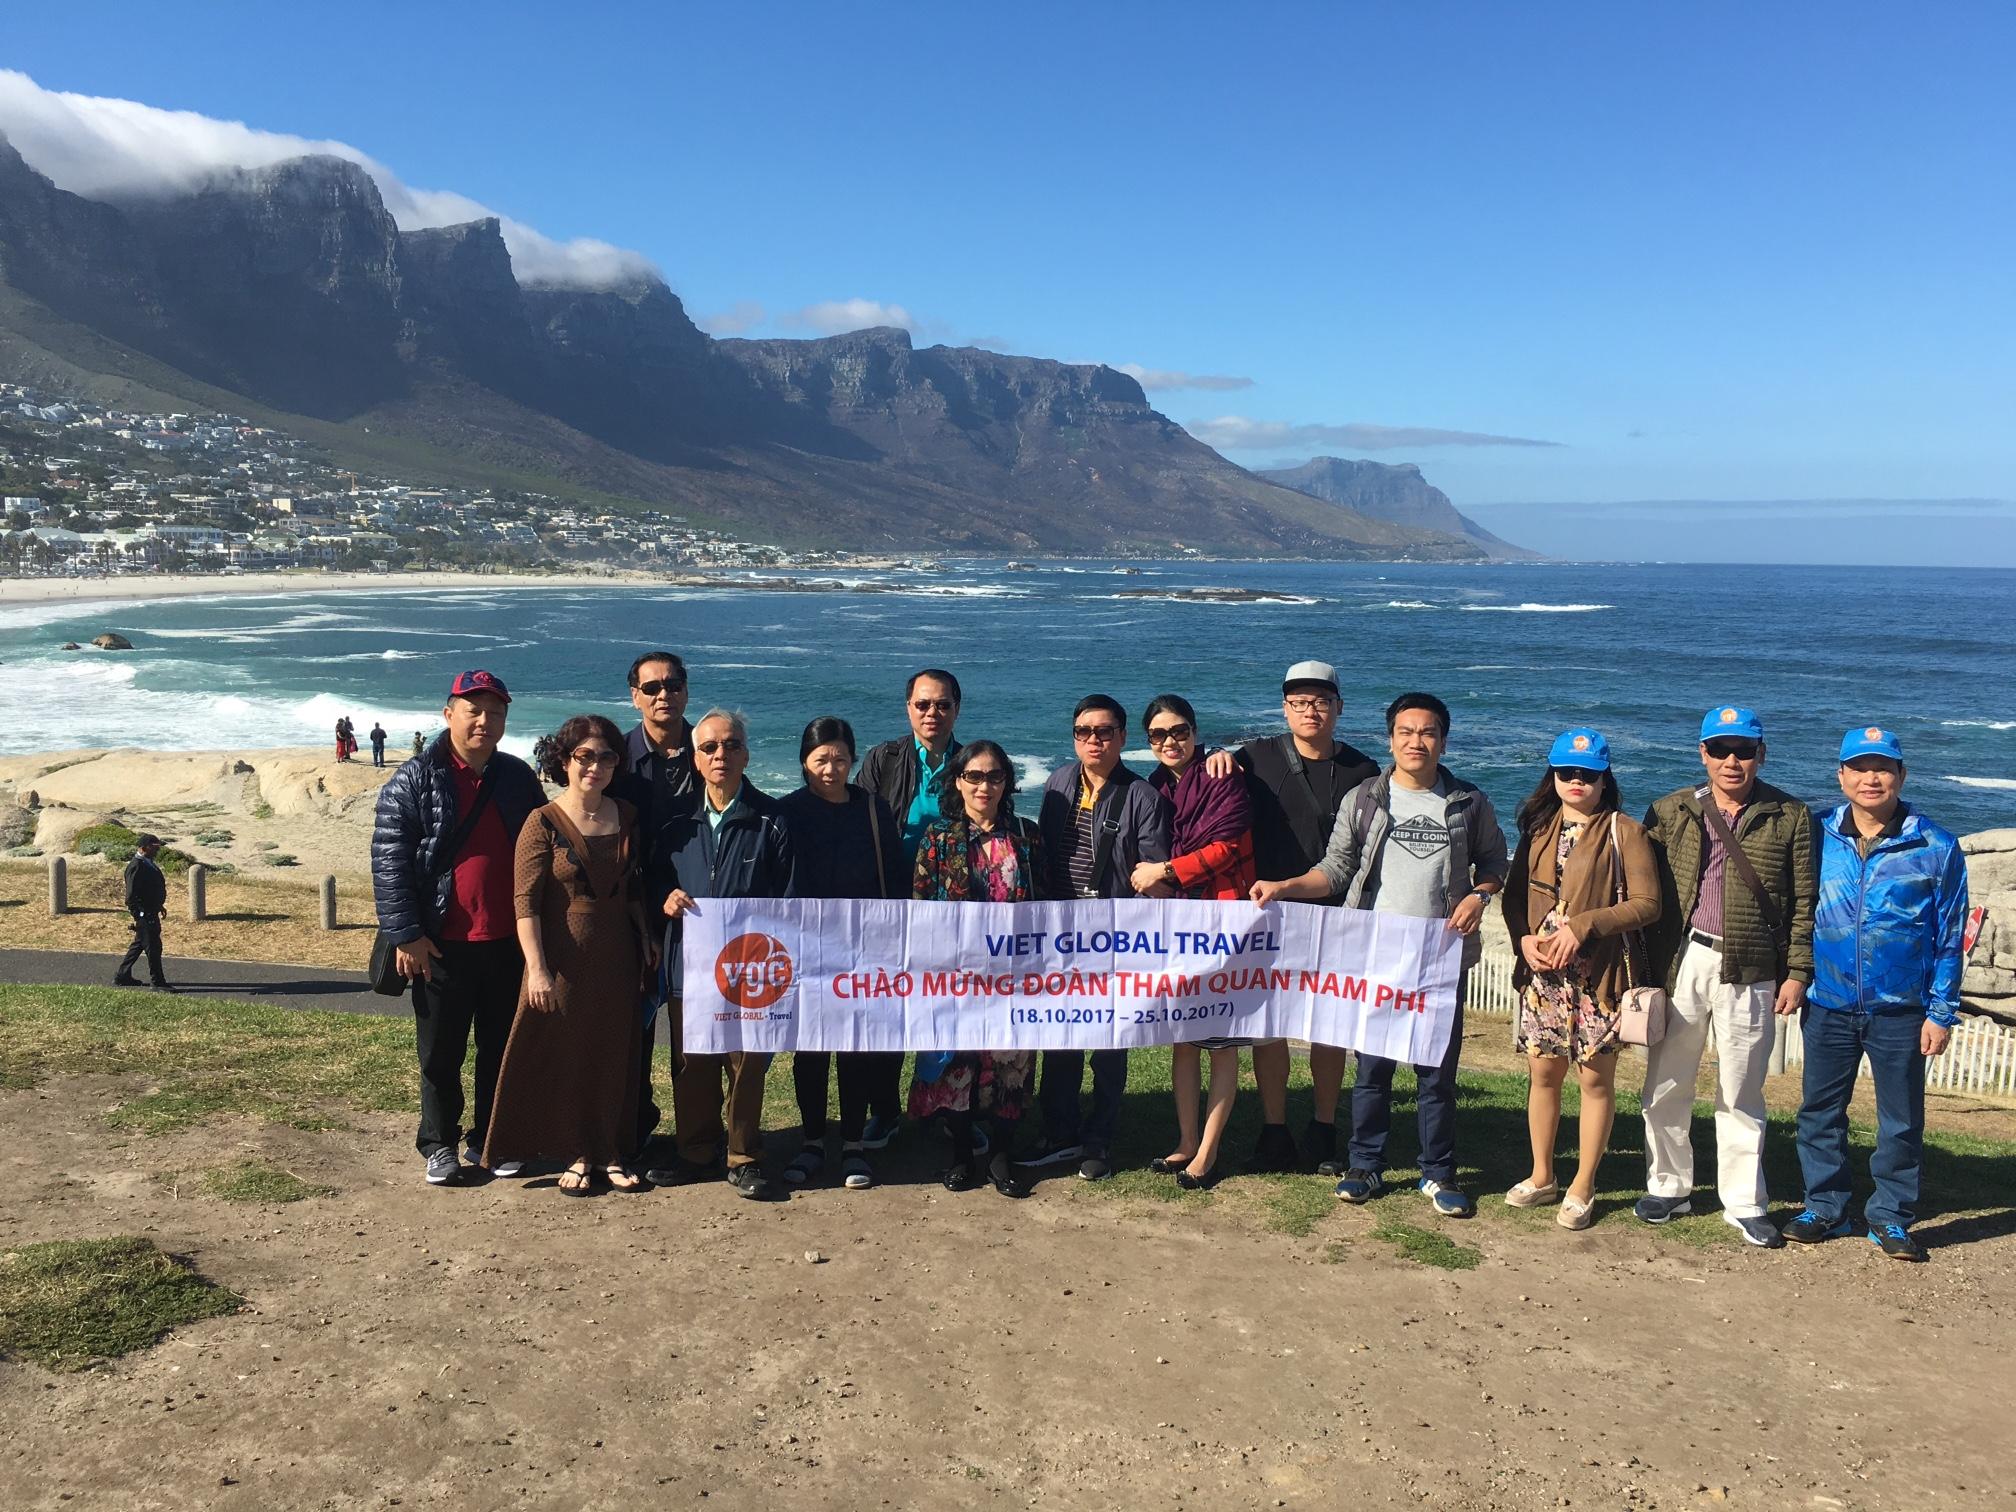 Đoàn Nam Phi 18/10/2017